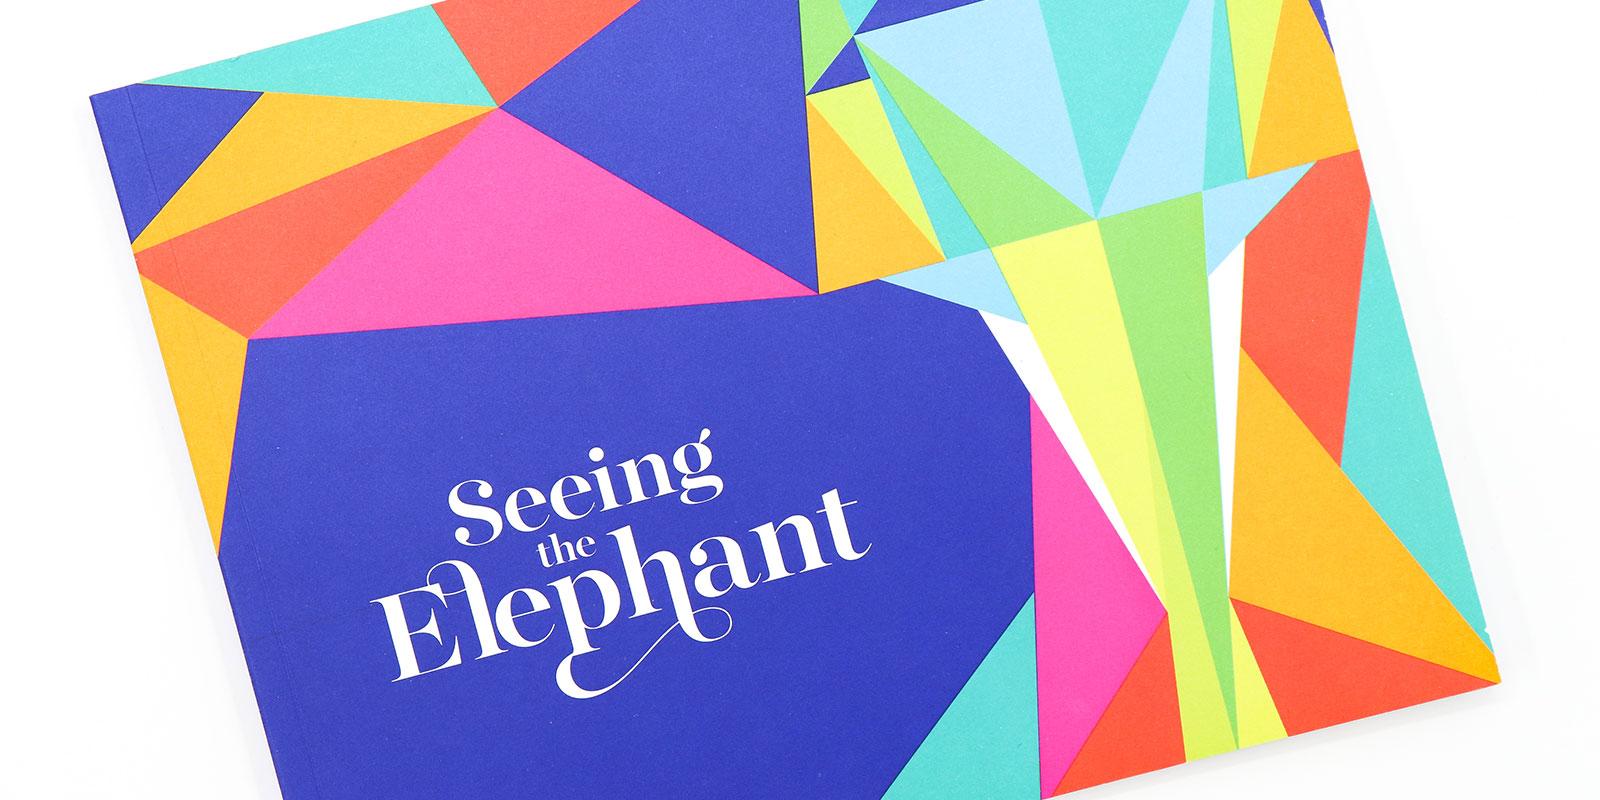 MassArt Exhibition Catalog Seeing the Elephant